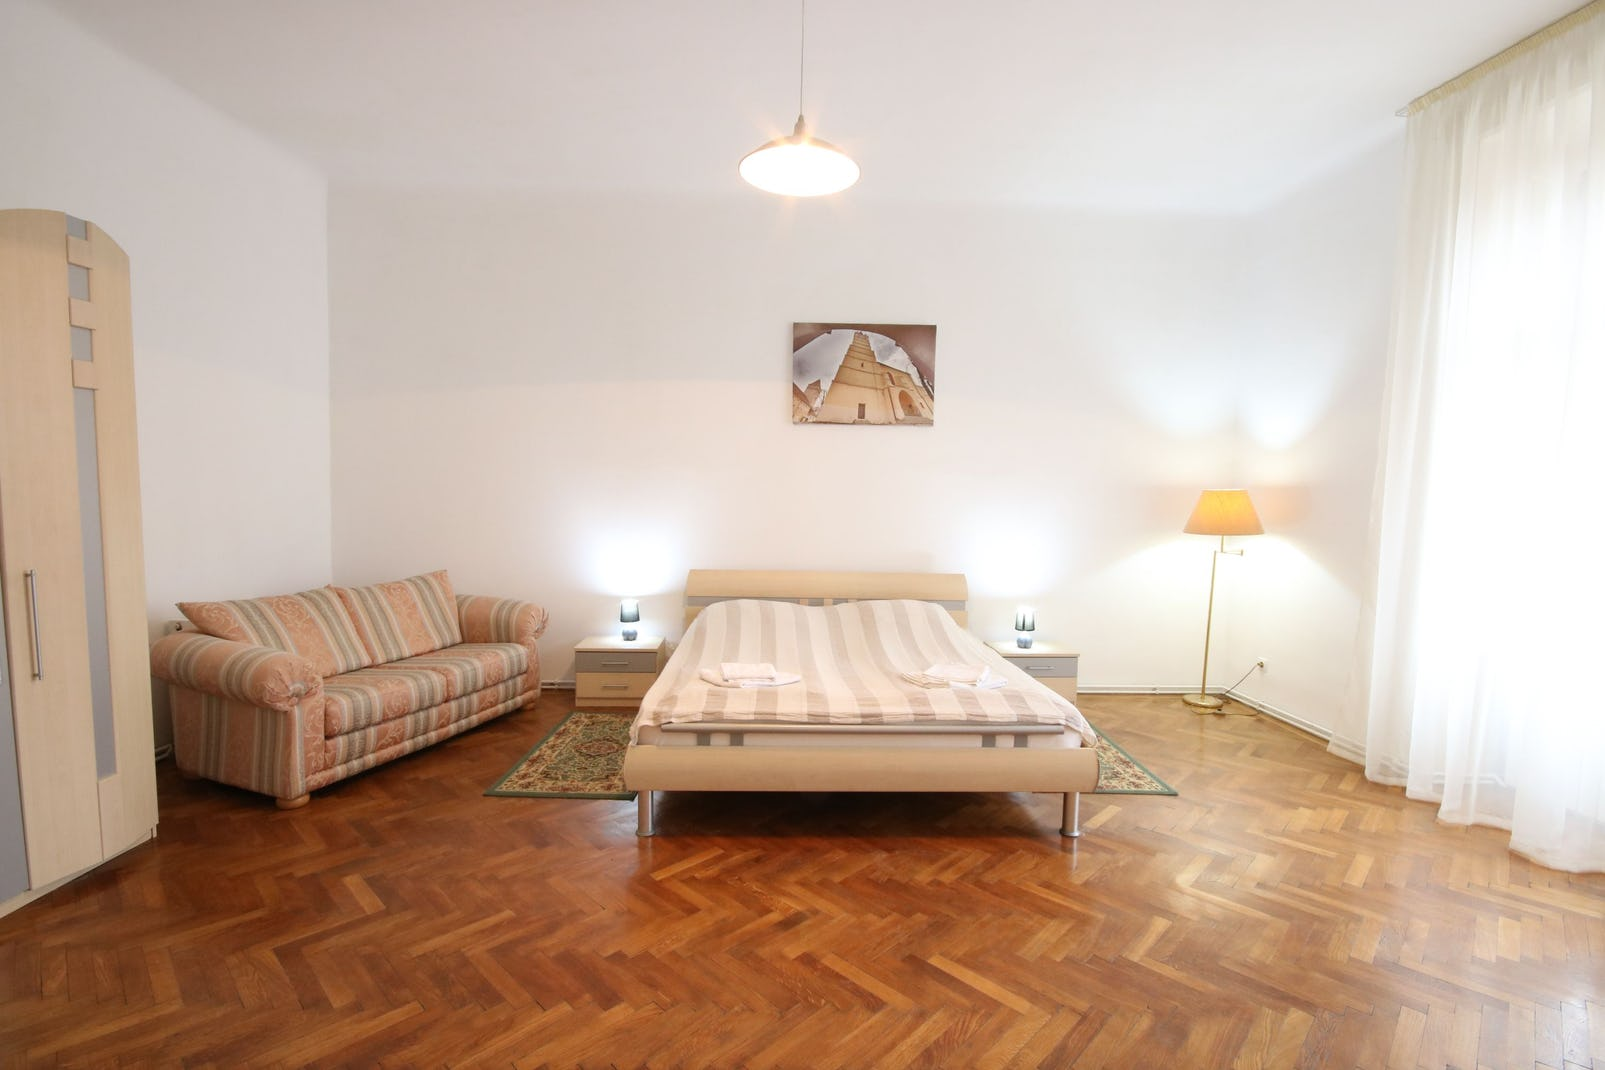 Cameră cu pat de două persoane la Ferdinand Apartments Mediaș